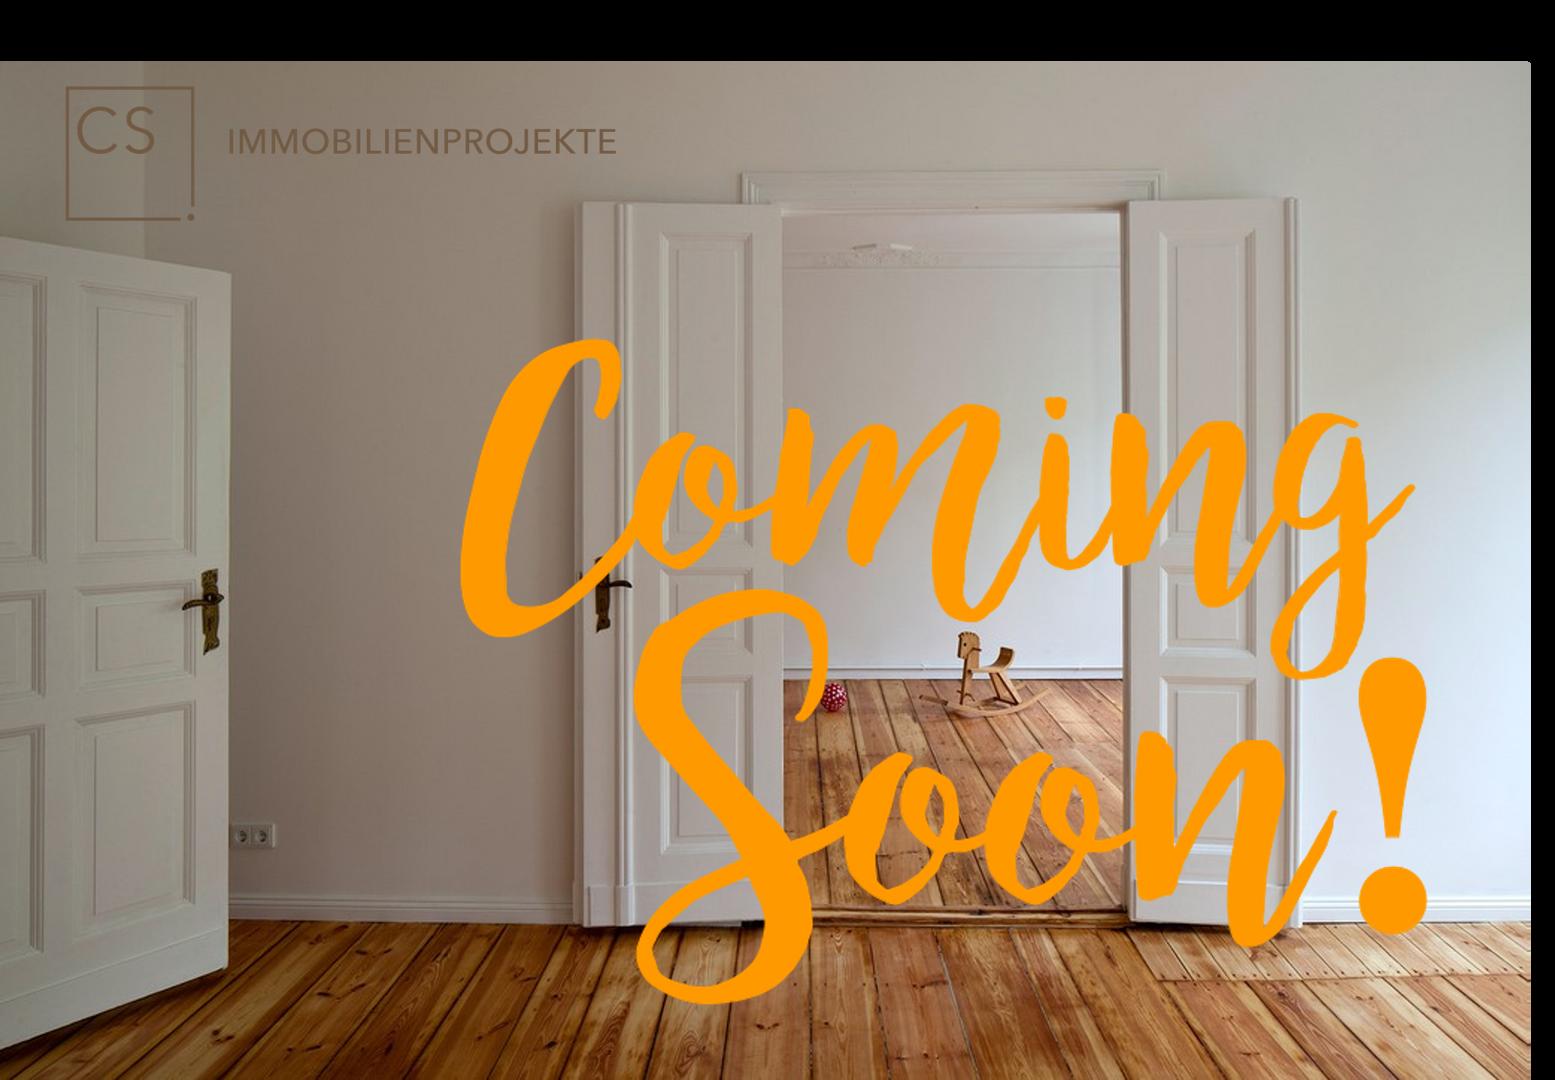 Coming Soon Bild.png